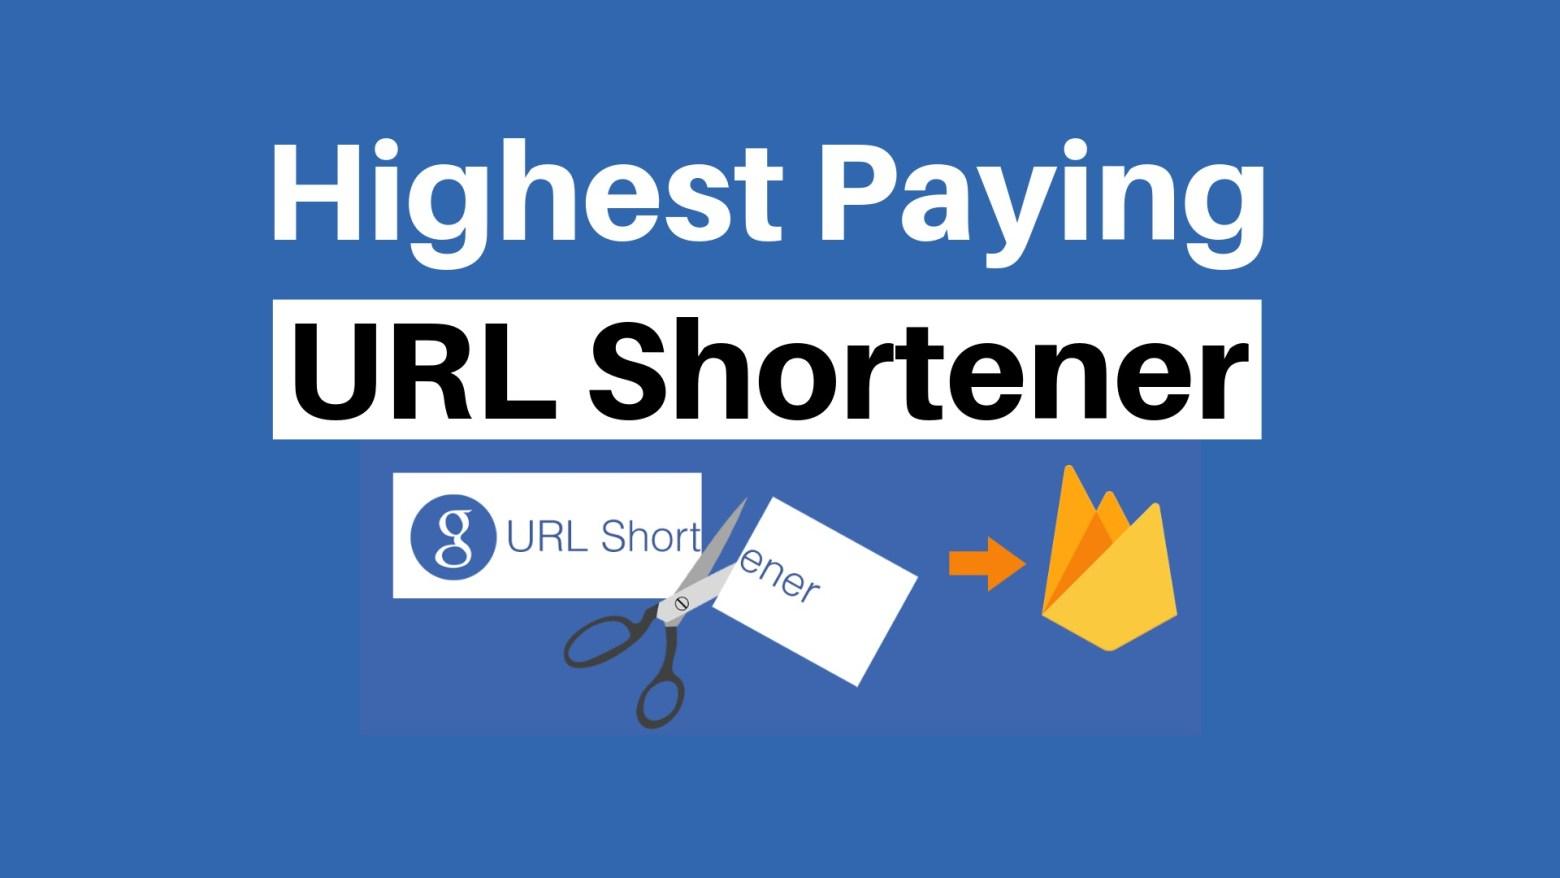 Buat Duit Dengan URL Shortener Yang beri Bayaran Tertinggi